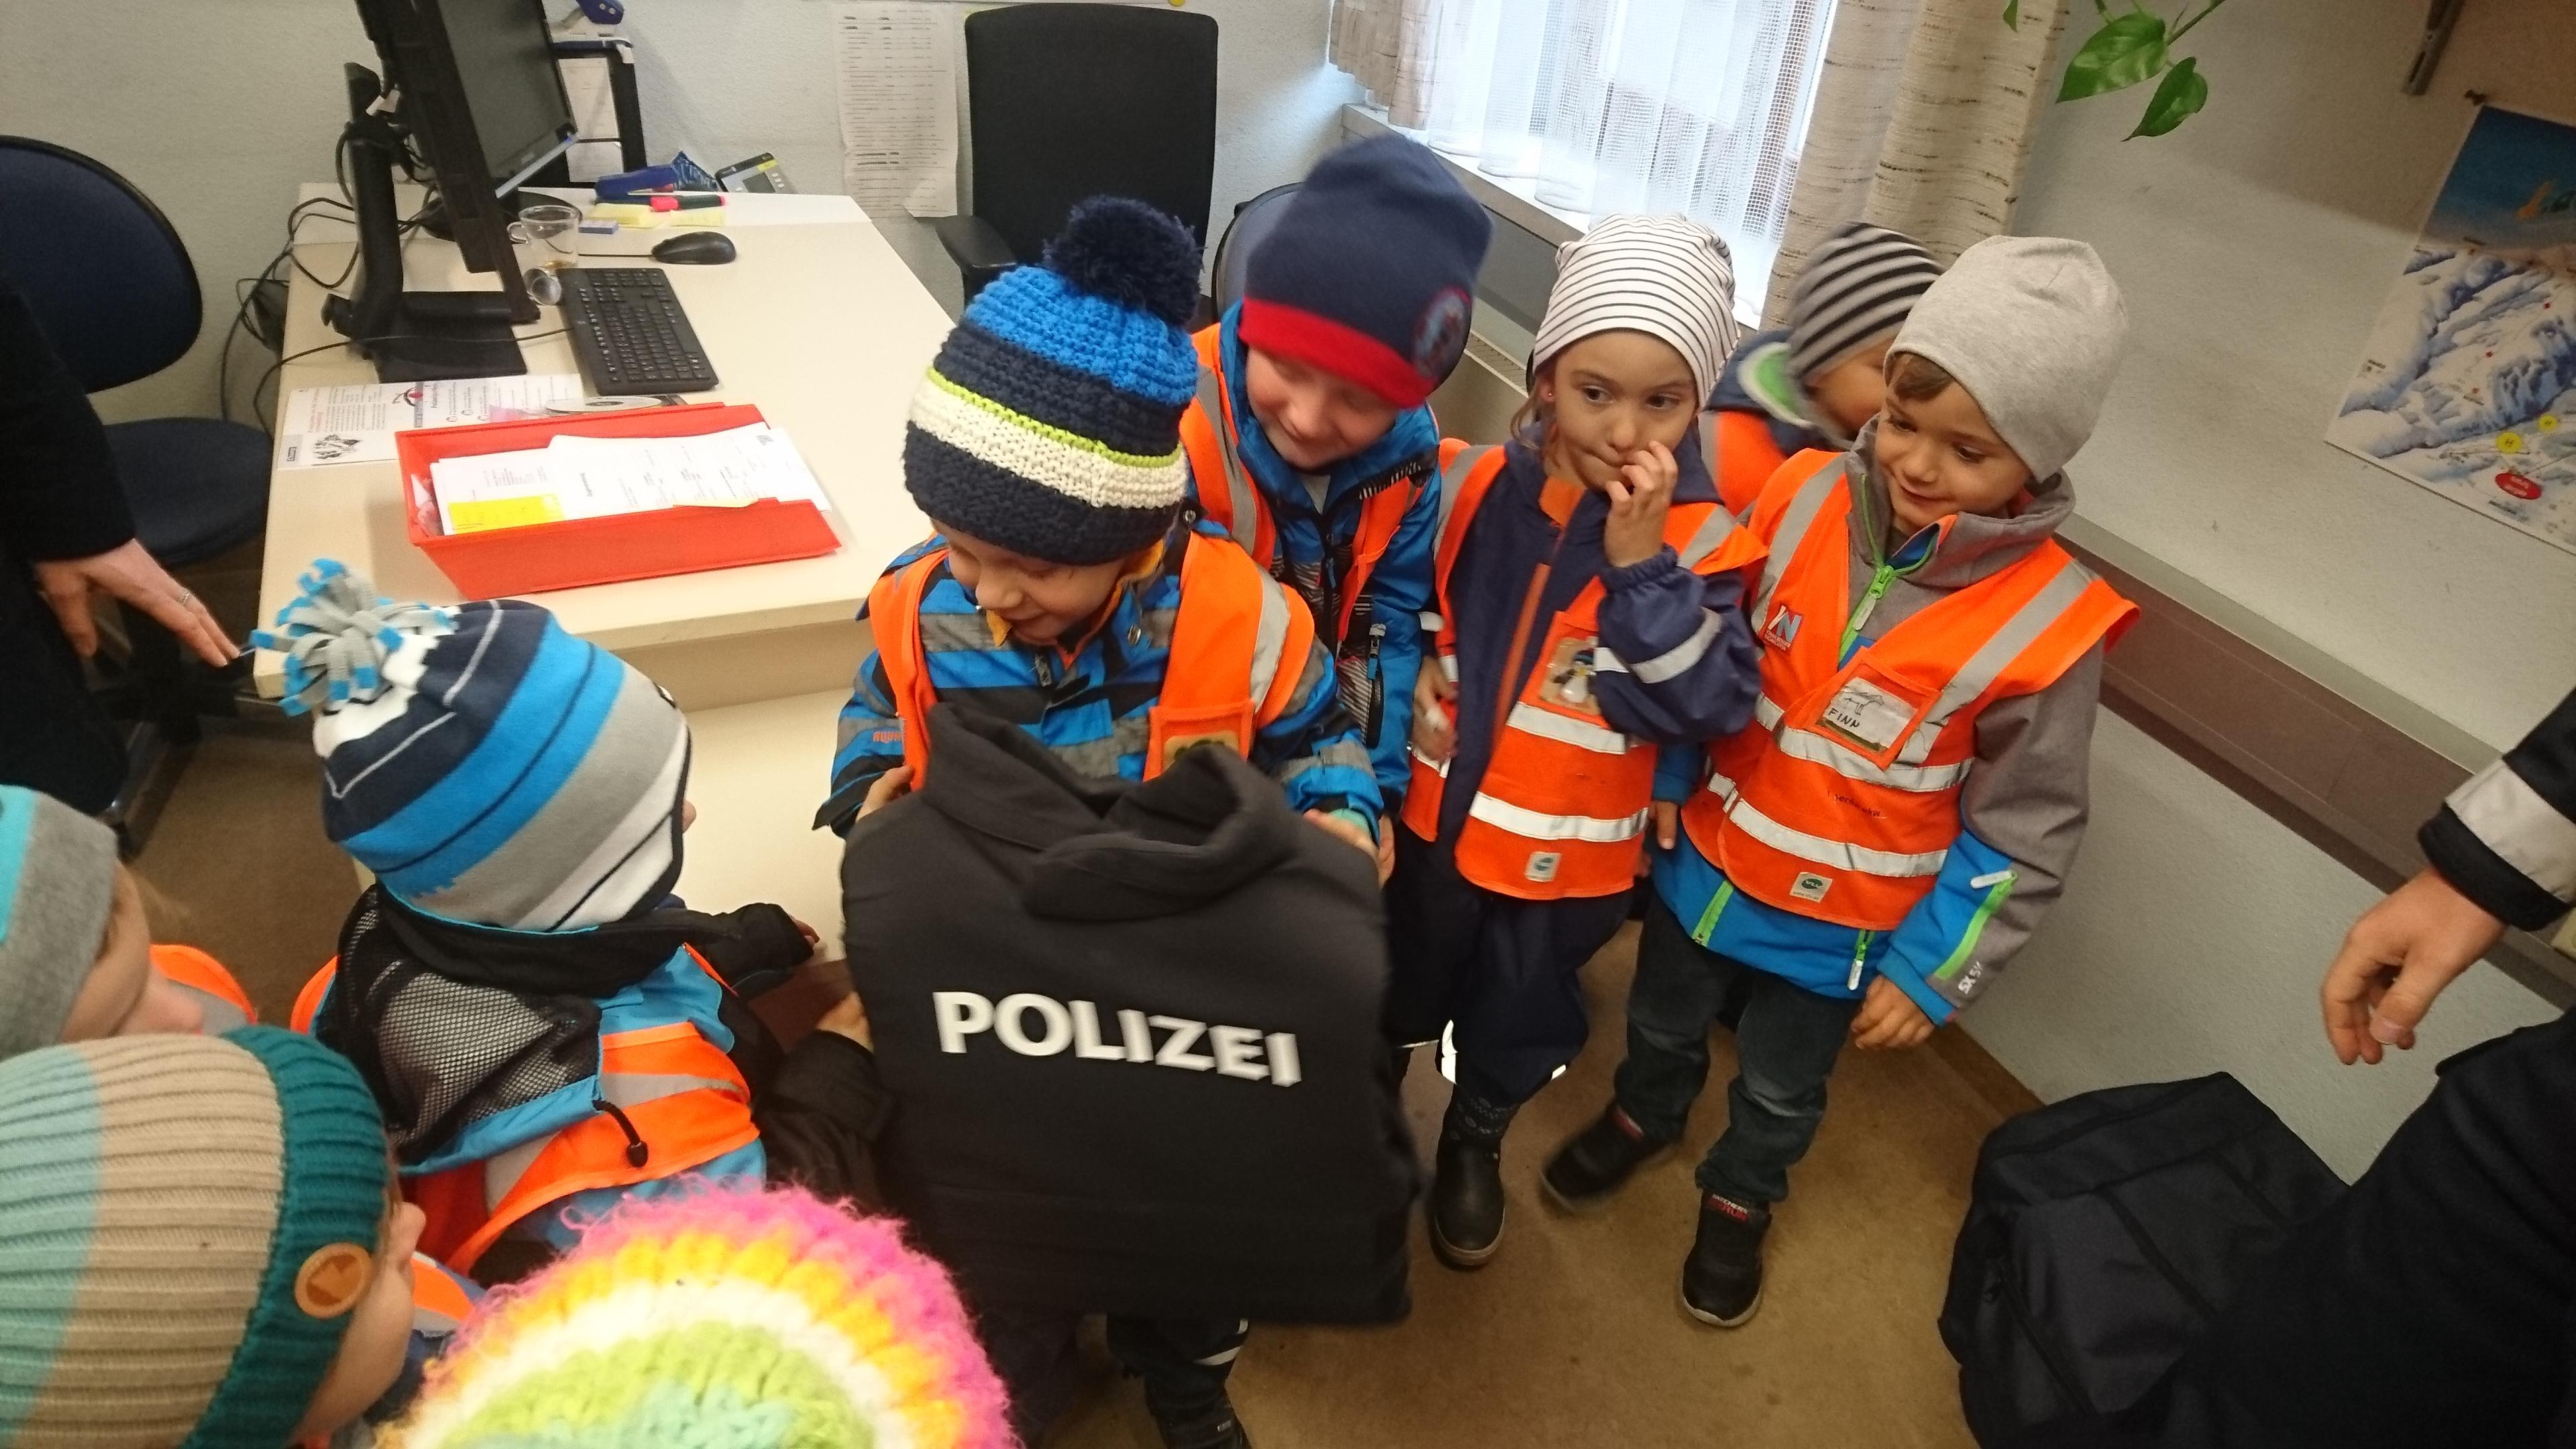 Ausflug zur Polizei November 2019 (8).JPG